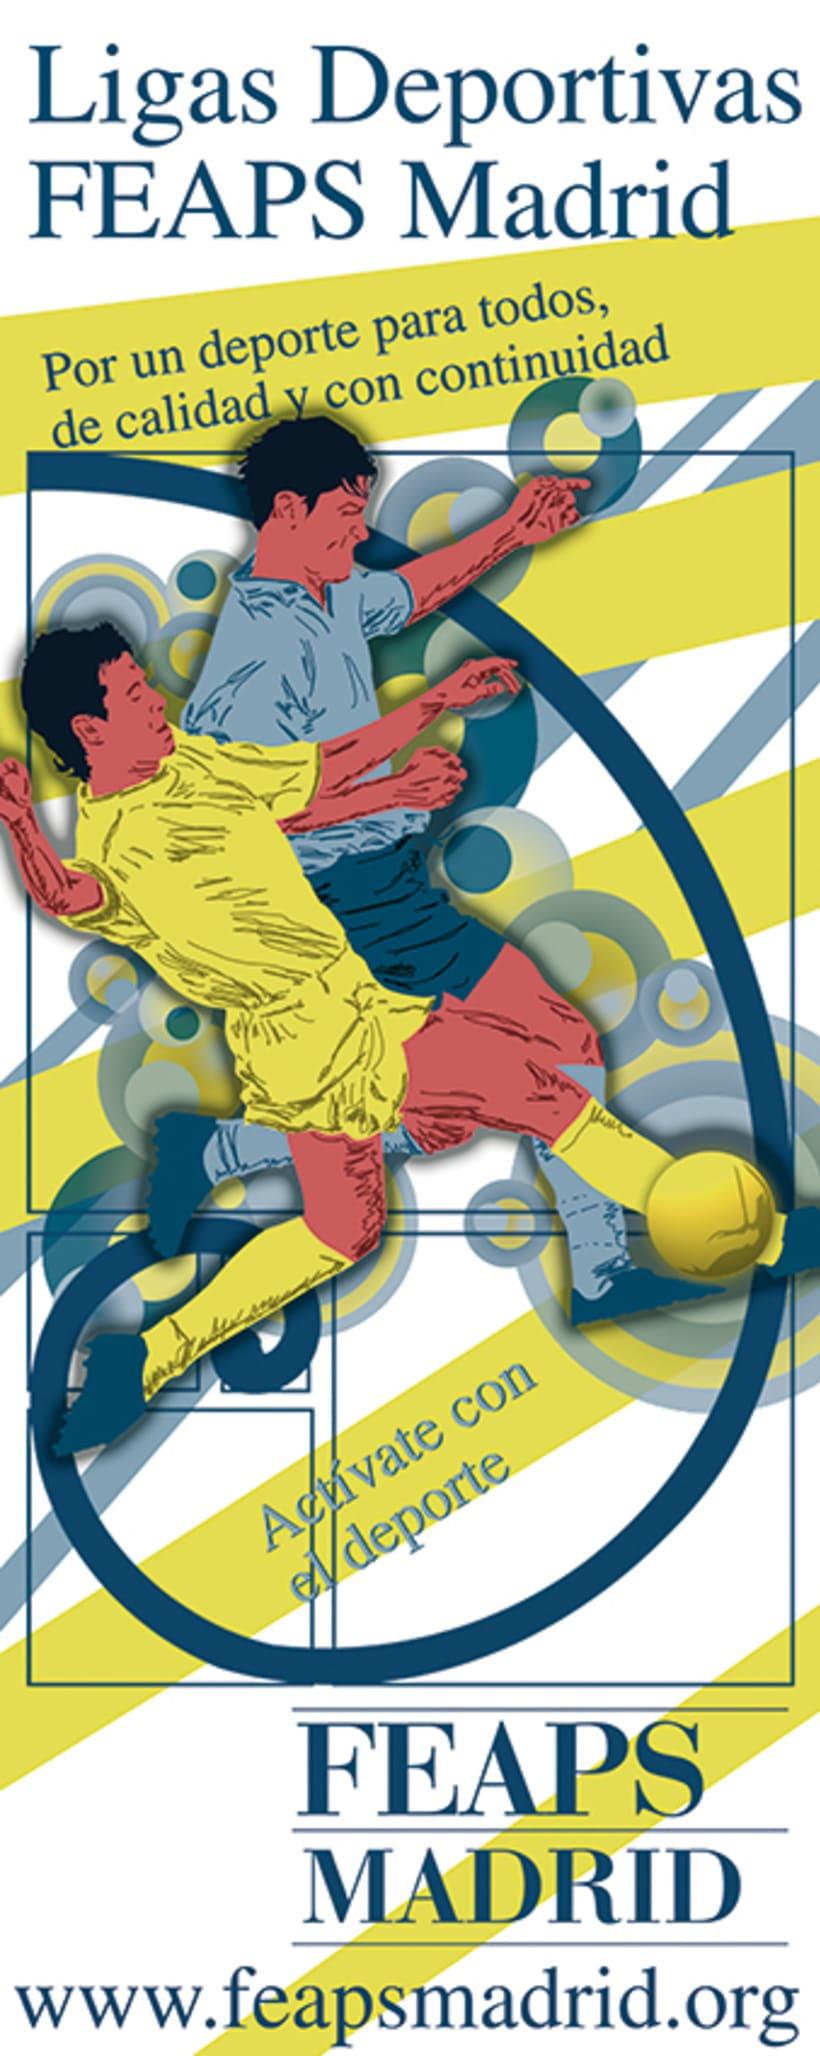 FEAPS Madrid. Materiales diversos 2006-2007 9